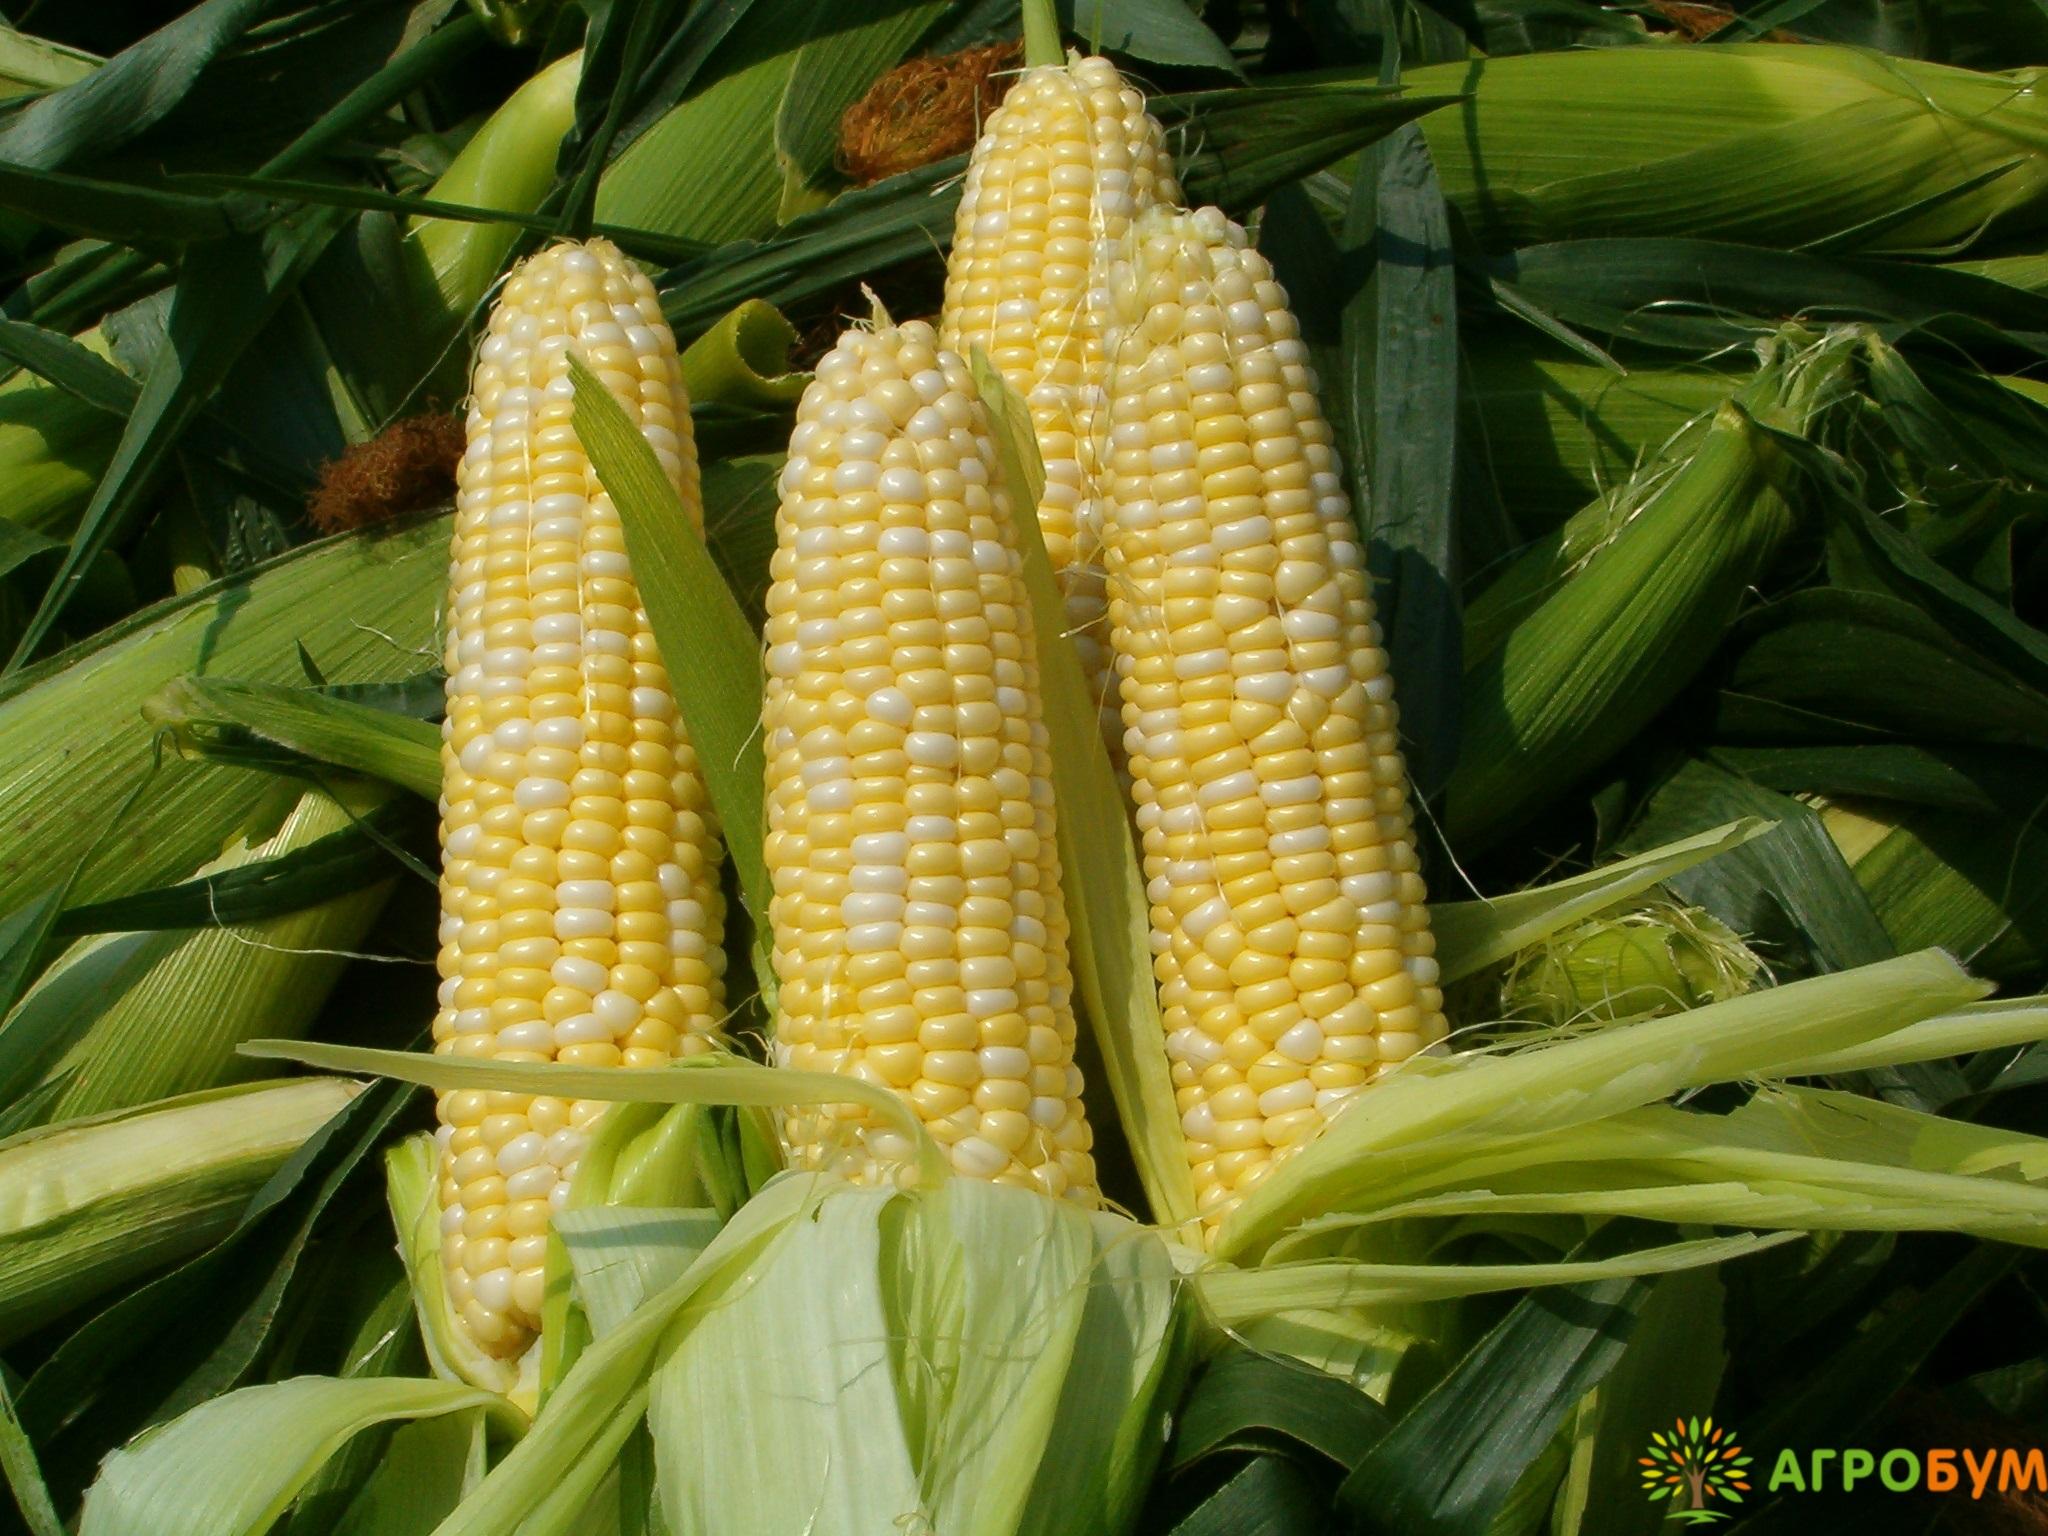 Купить семена Кукуруза Российская лопающаяся 3 5 г по низкой цене, доставка почтой наложенным платежом по России, курьером по Москве - интернет-магазин АгроБум